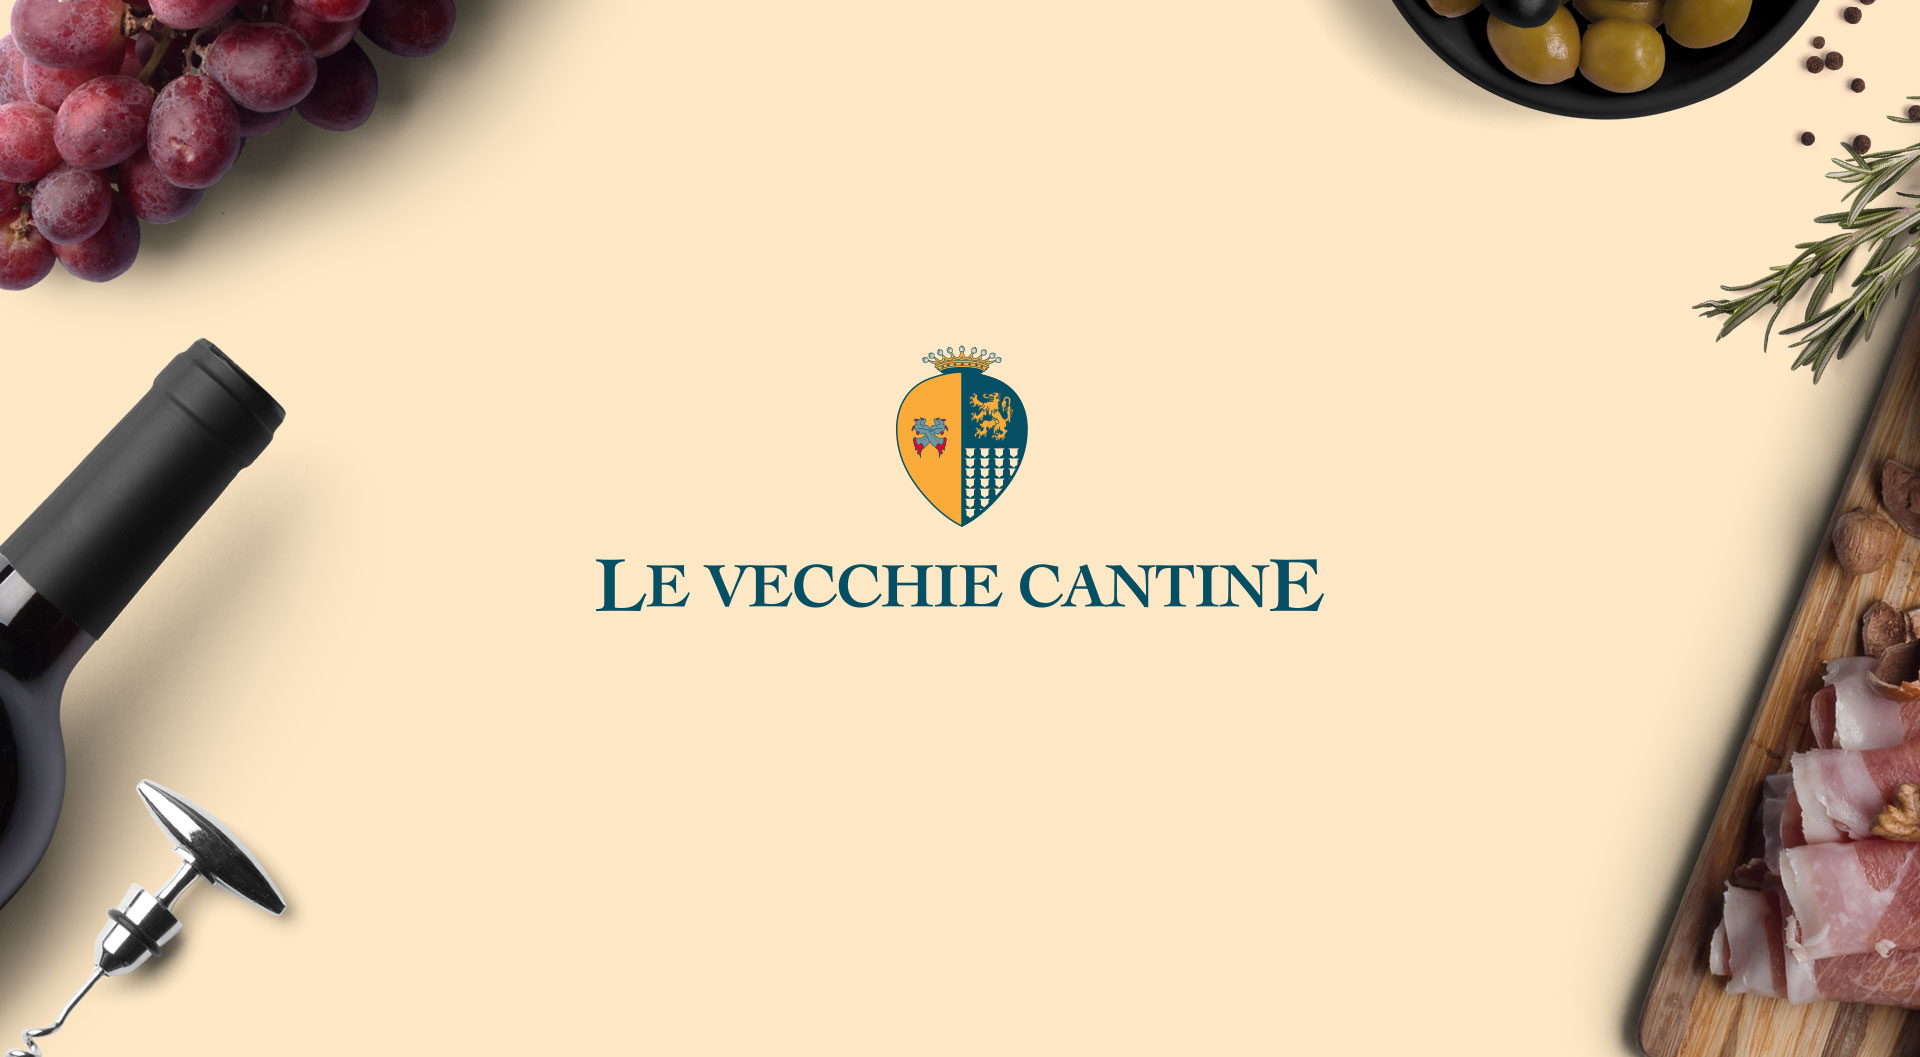 le-vecchie-cantine-logo-header